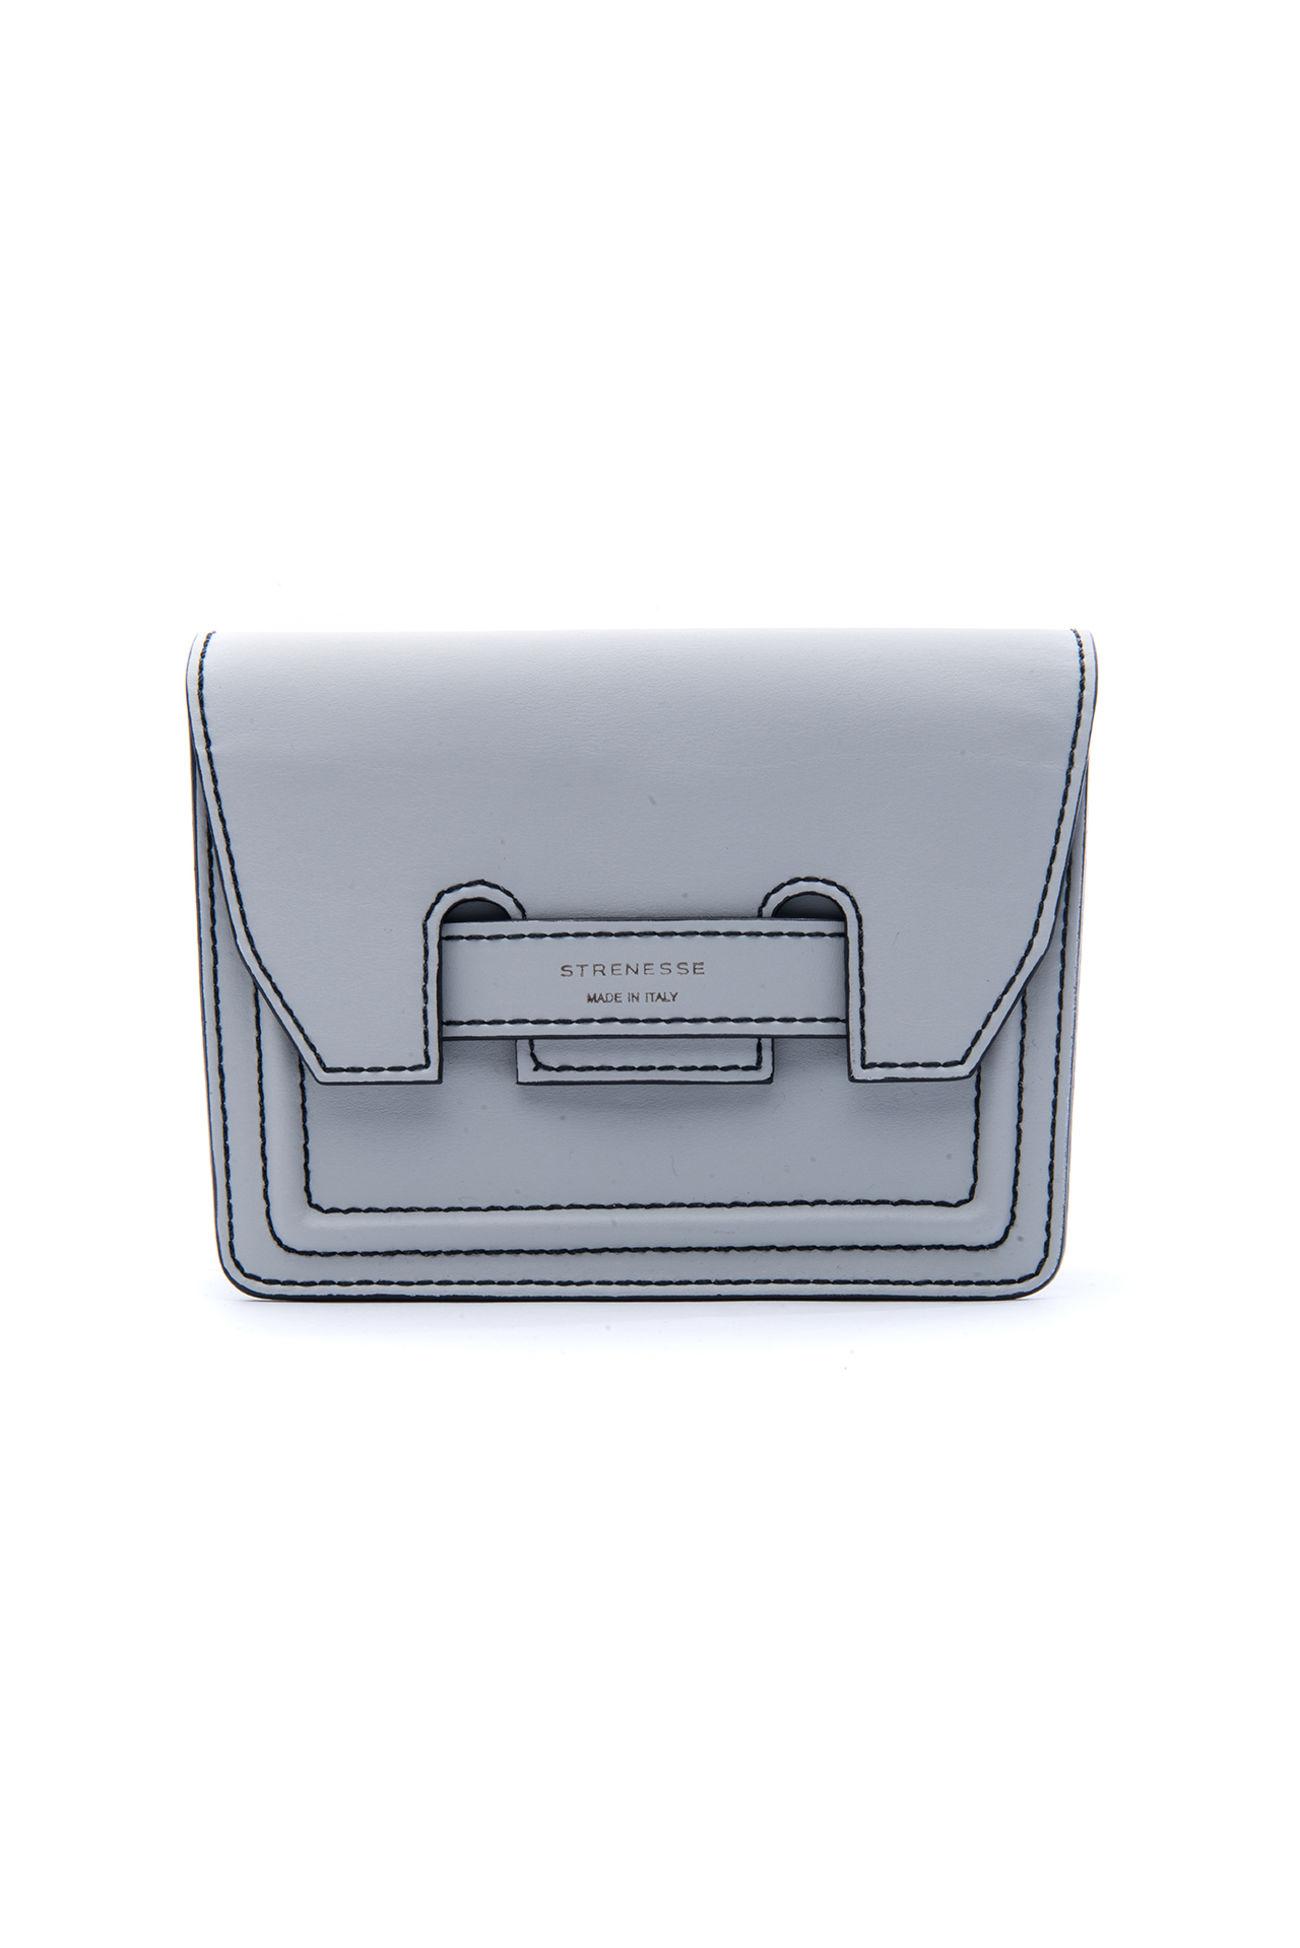 2-in-1 belt pouch